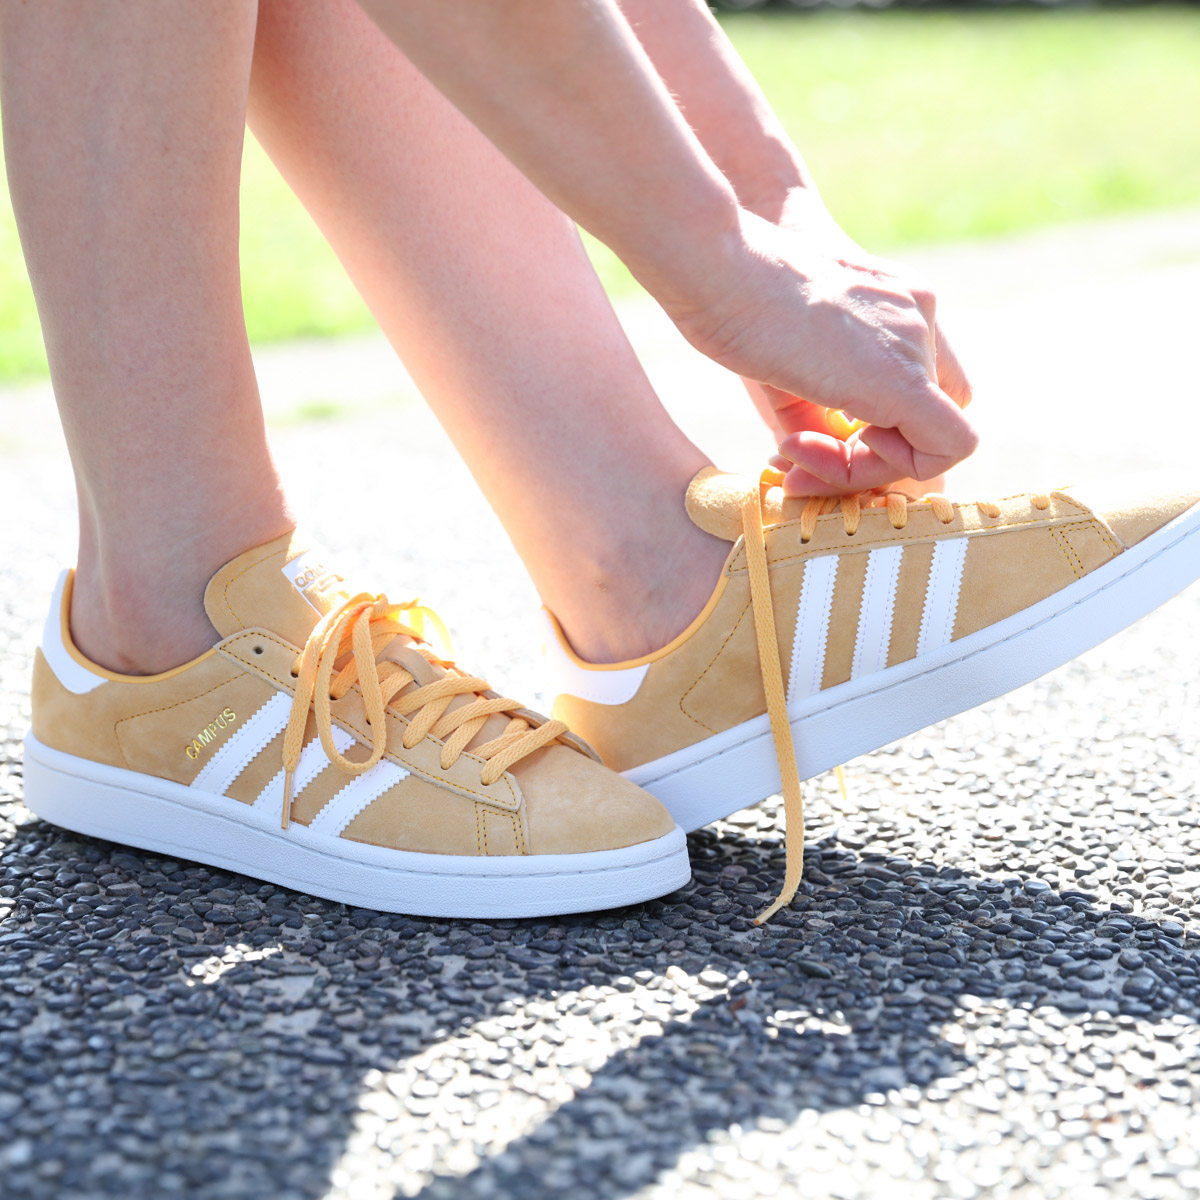 8fdee53684d821 adidas Originals CAMPUS W (Adidas campus w) Chalk Orange Running  White Crystal White 18FW-I